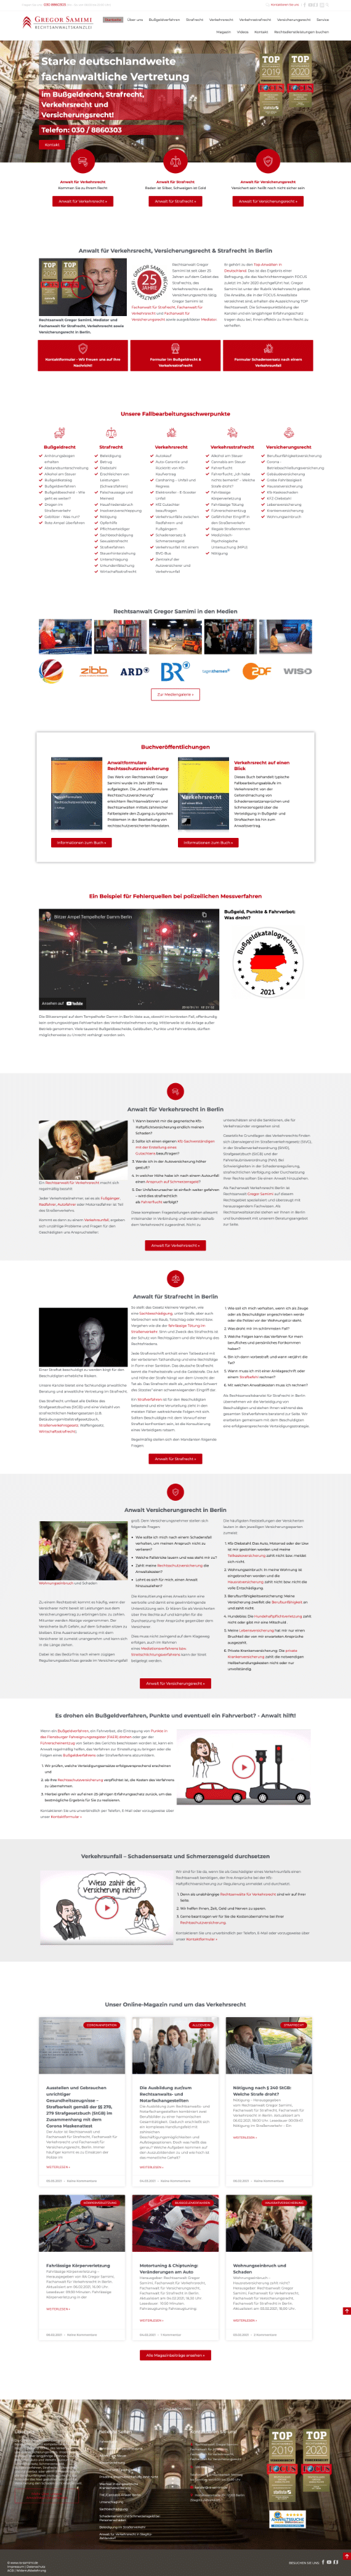 WordPress-Webdesign Referenz: Webseite der Rechtsanwaltskanzlei Gregor Samimi